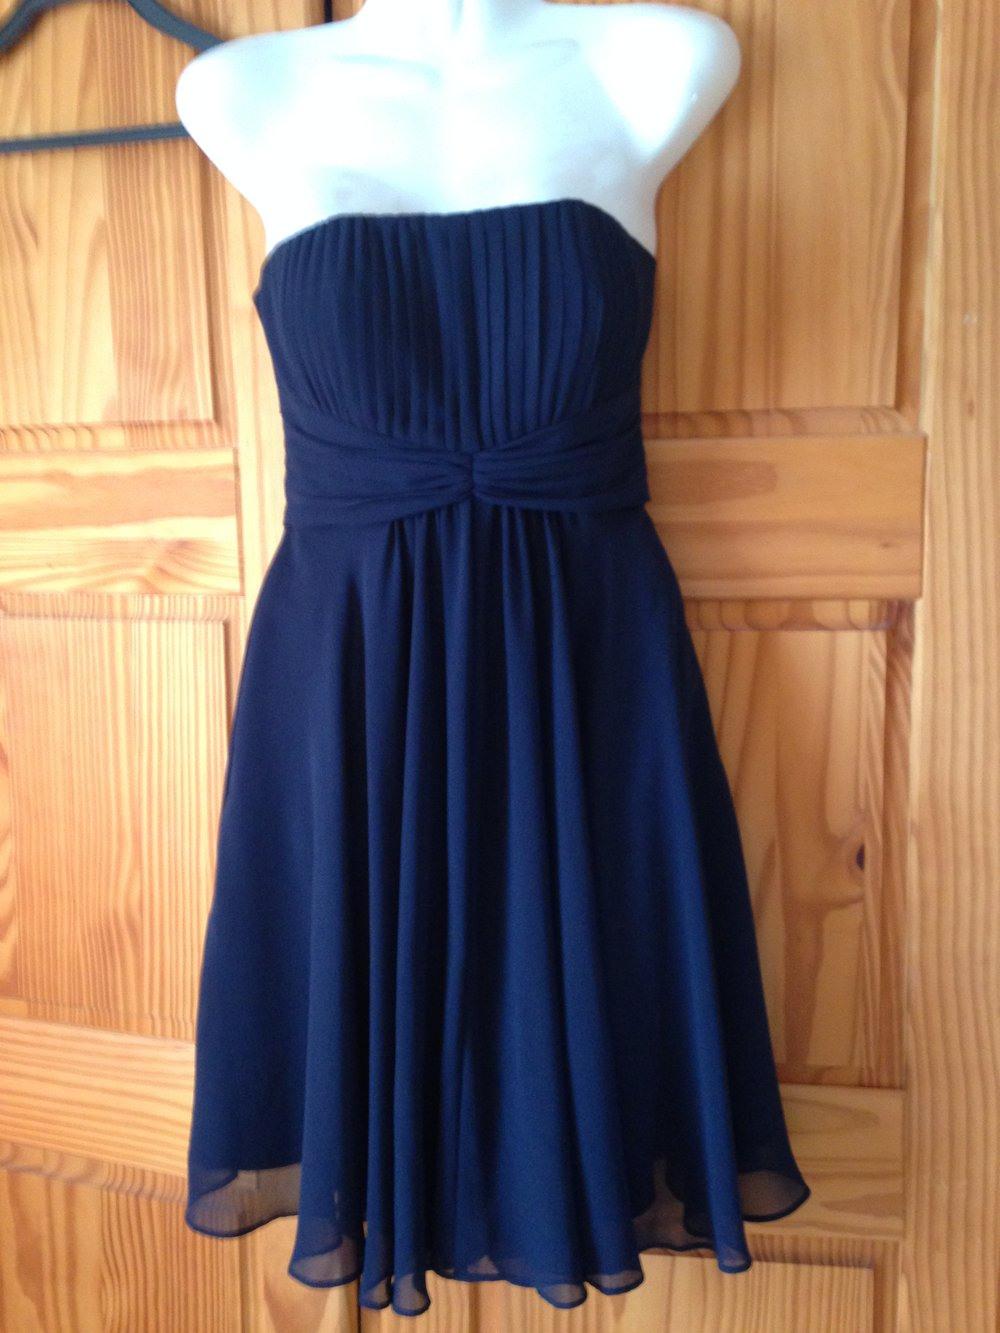 20 Erstaunlich Jakes Abendkleid Blau Stylish20 Spektakulär Jakes Abendkleid Blau Vertrieb